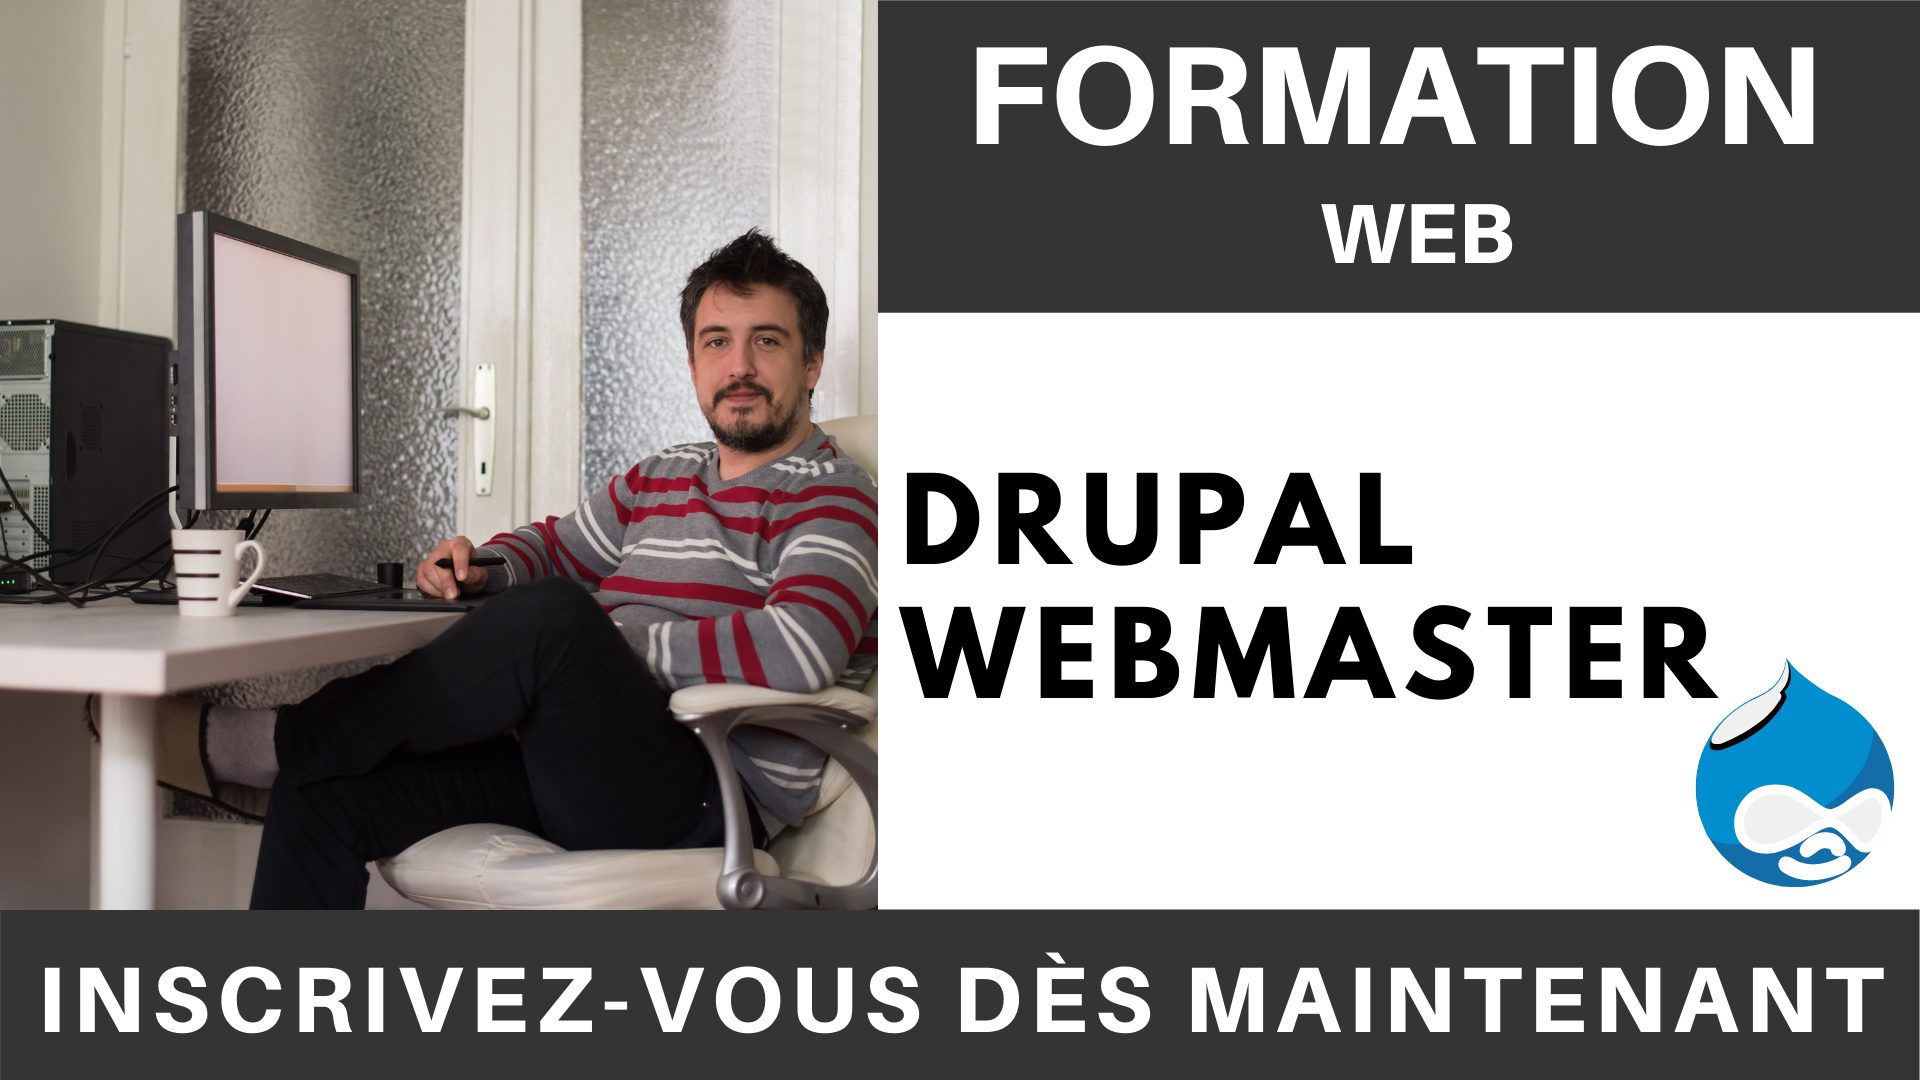 Formation WEB - Drupal Webmaster